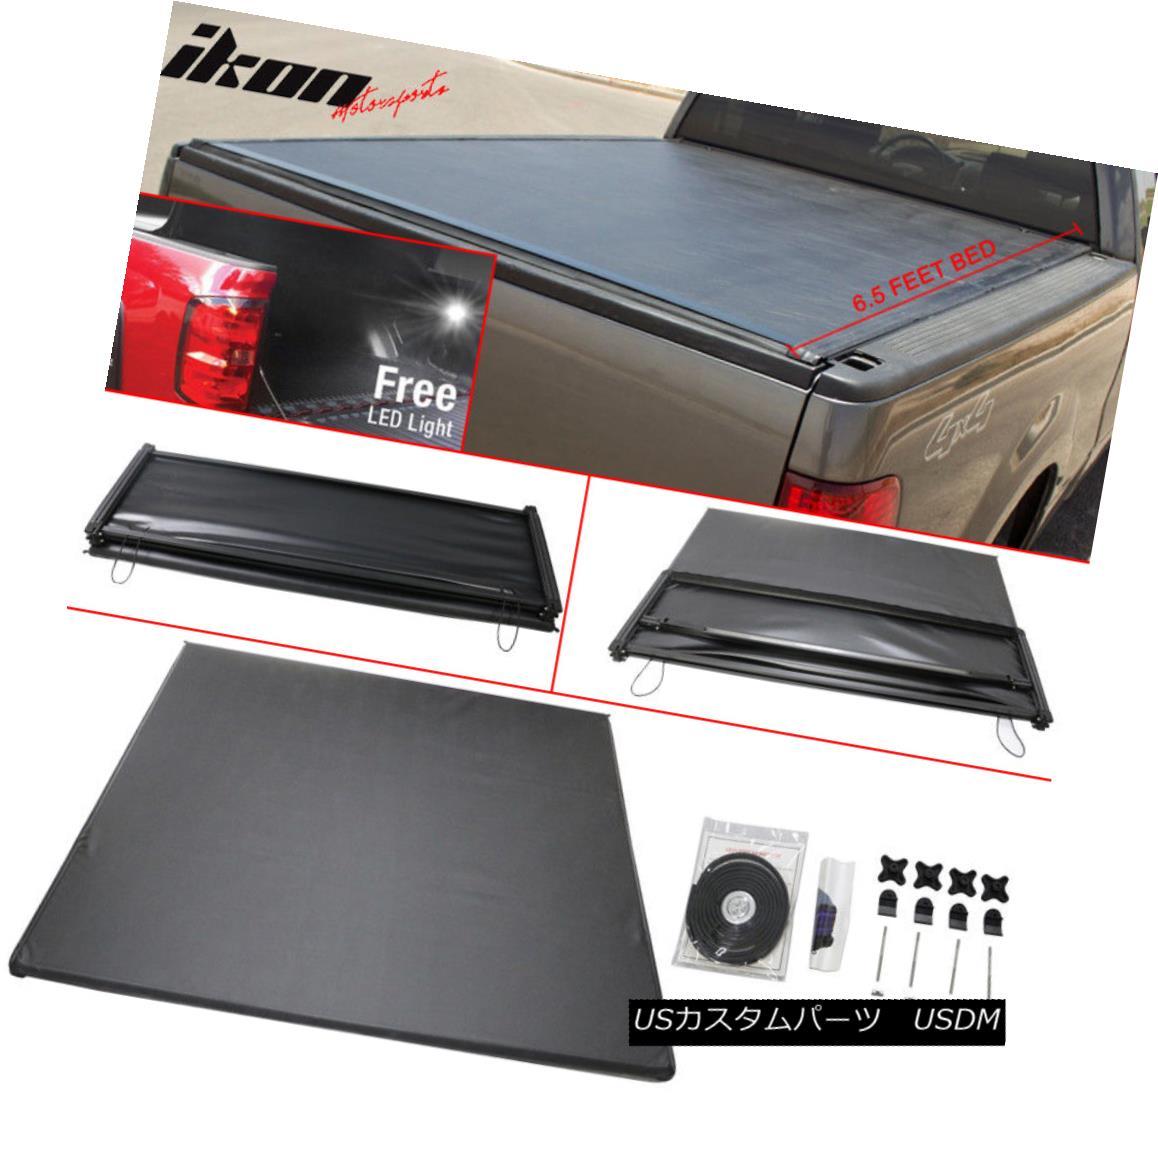 エアロパーツ Fits 04-08 F-150 05-08 Mark LT 6.5 Feet Bed Tri-Fold Soft Tonneau Cover Black フィット04-08 F-150 05-08マークLT 6.5フィートベッドトライフォールドソフトトノーカバーブラック